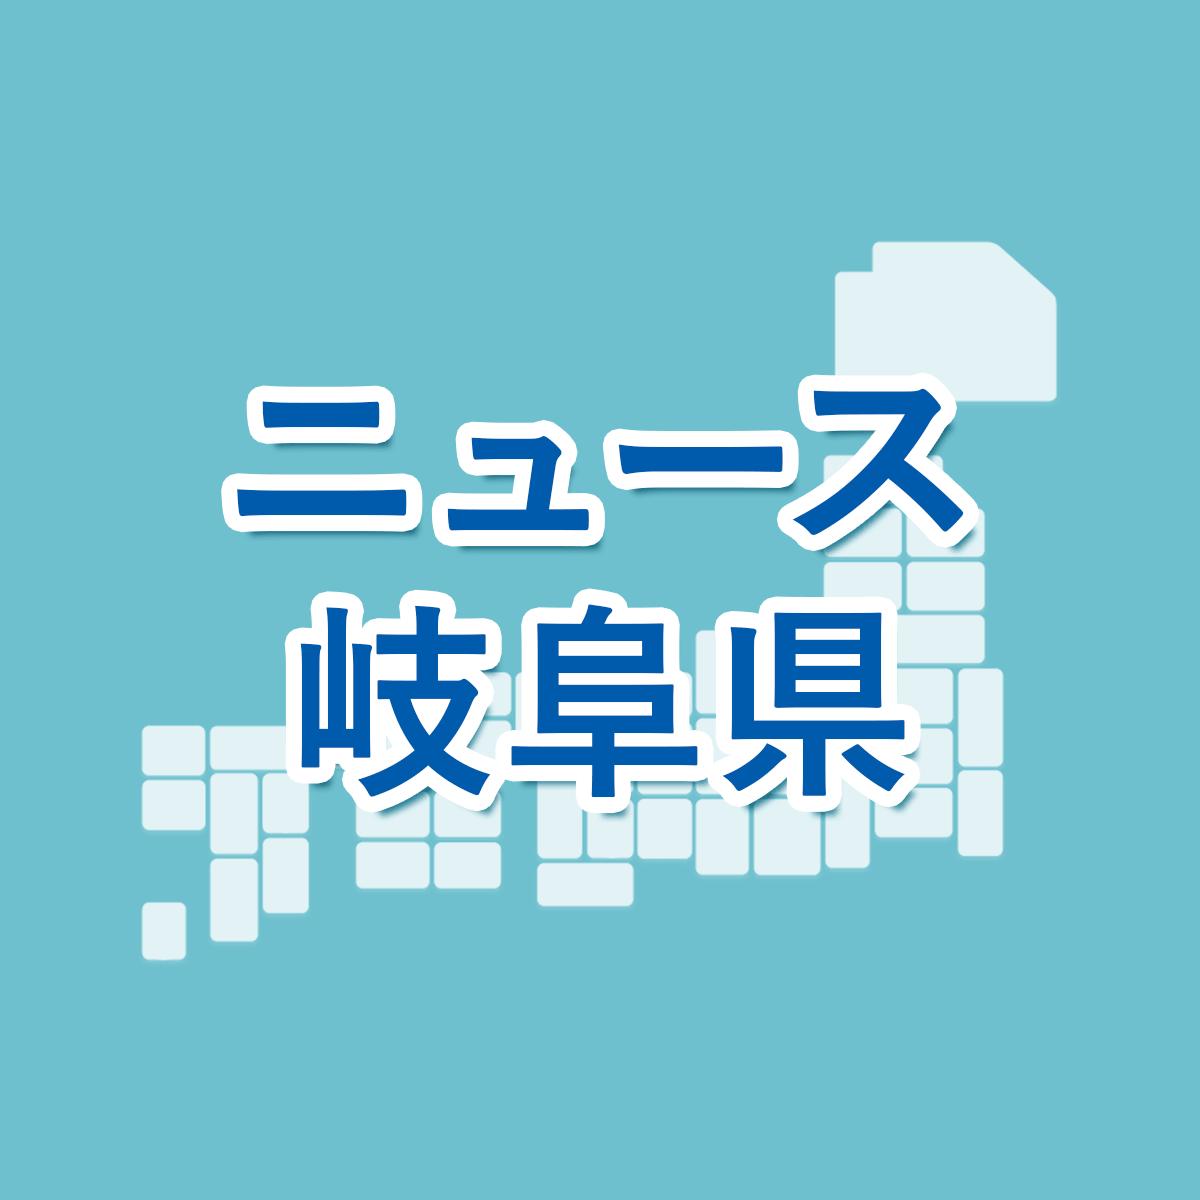 県 出願 岐阜 状況 高校